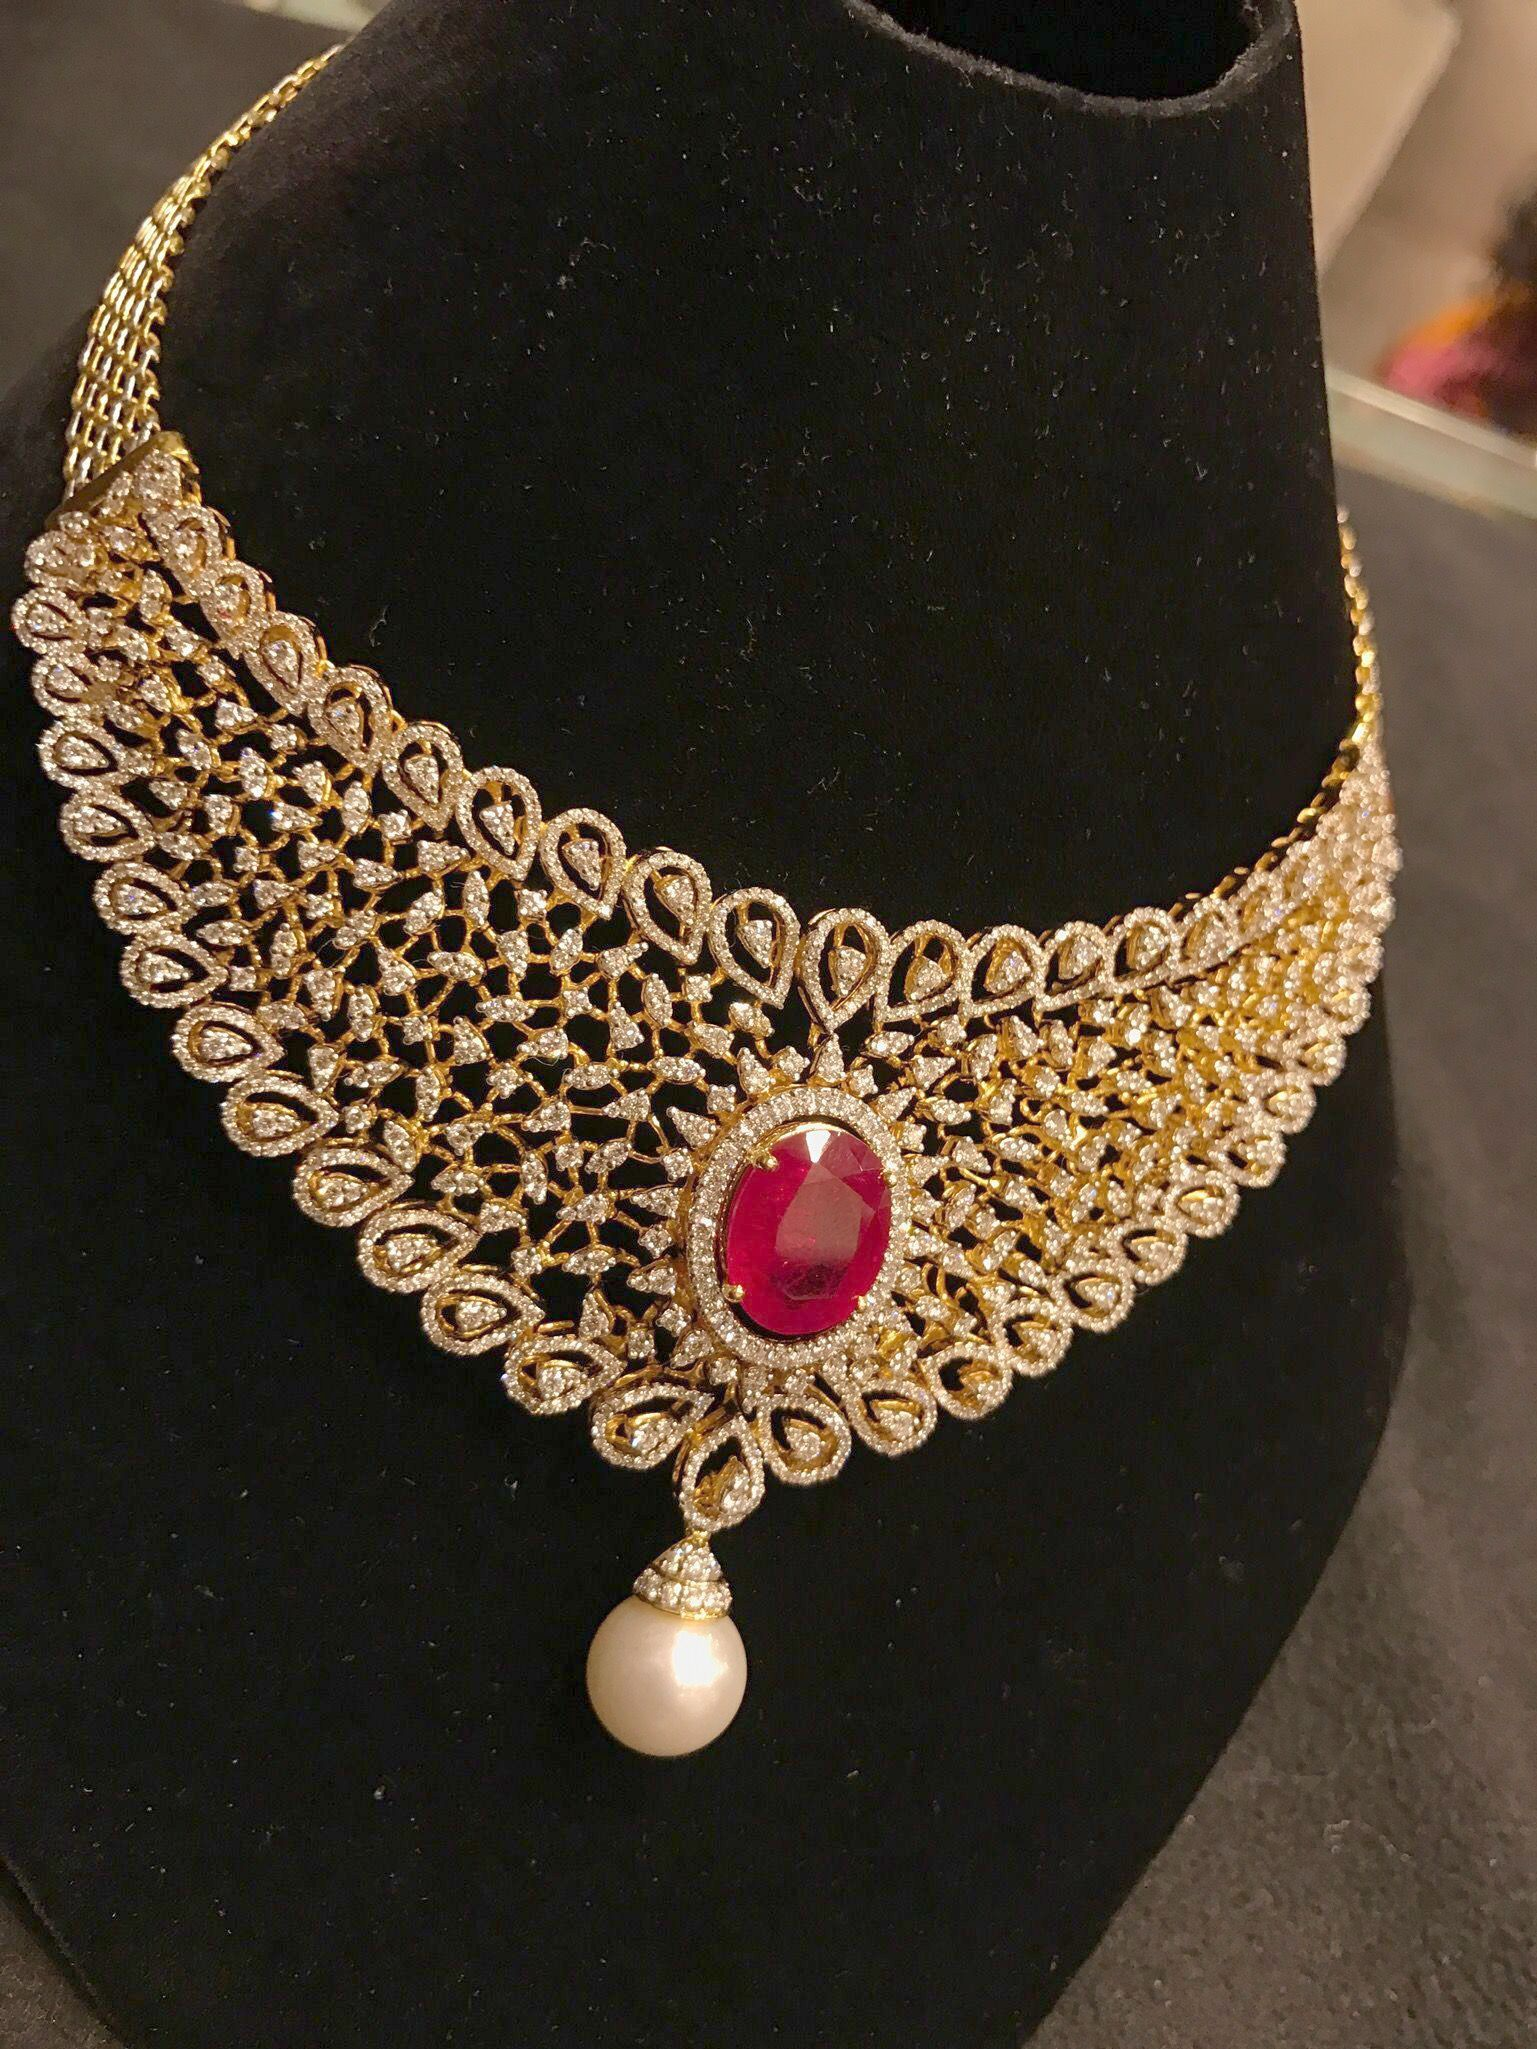 Hallmark Jewellery Near Me, Jewelry Stores Near Me That Do